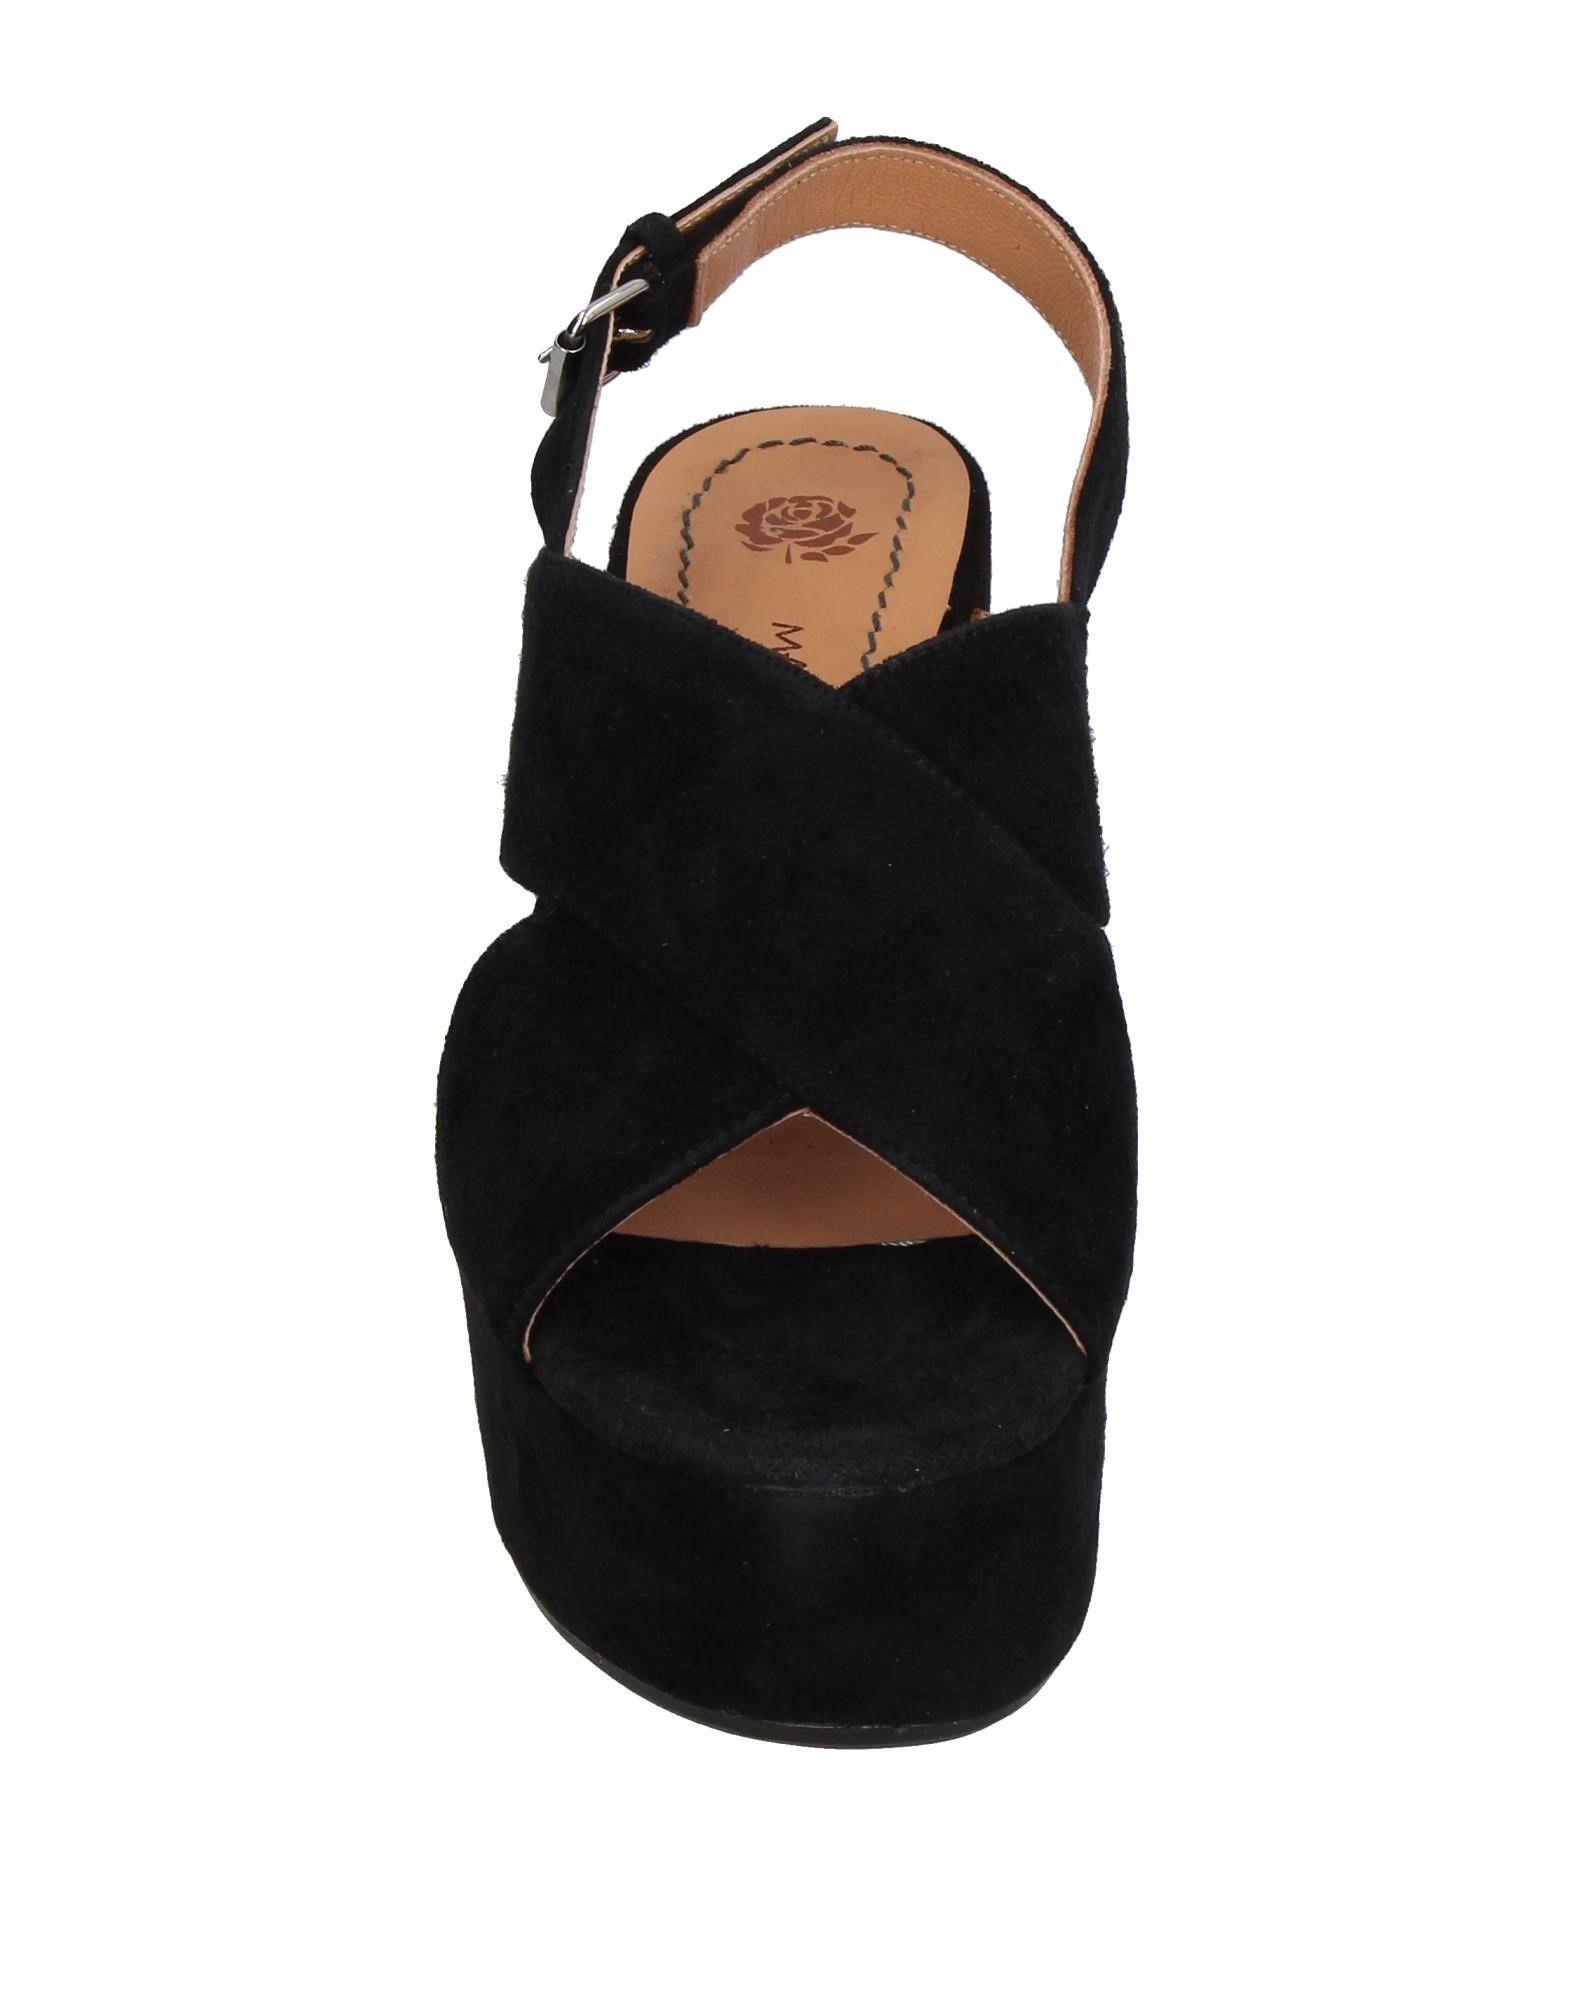 Malìparmi Malìparmi Malìparmi Sandalen Damen  11393502JI Heiße Schuhe c8e4a5